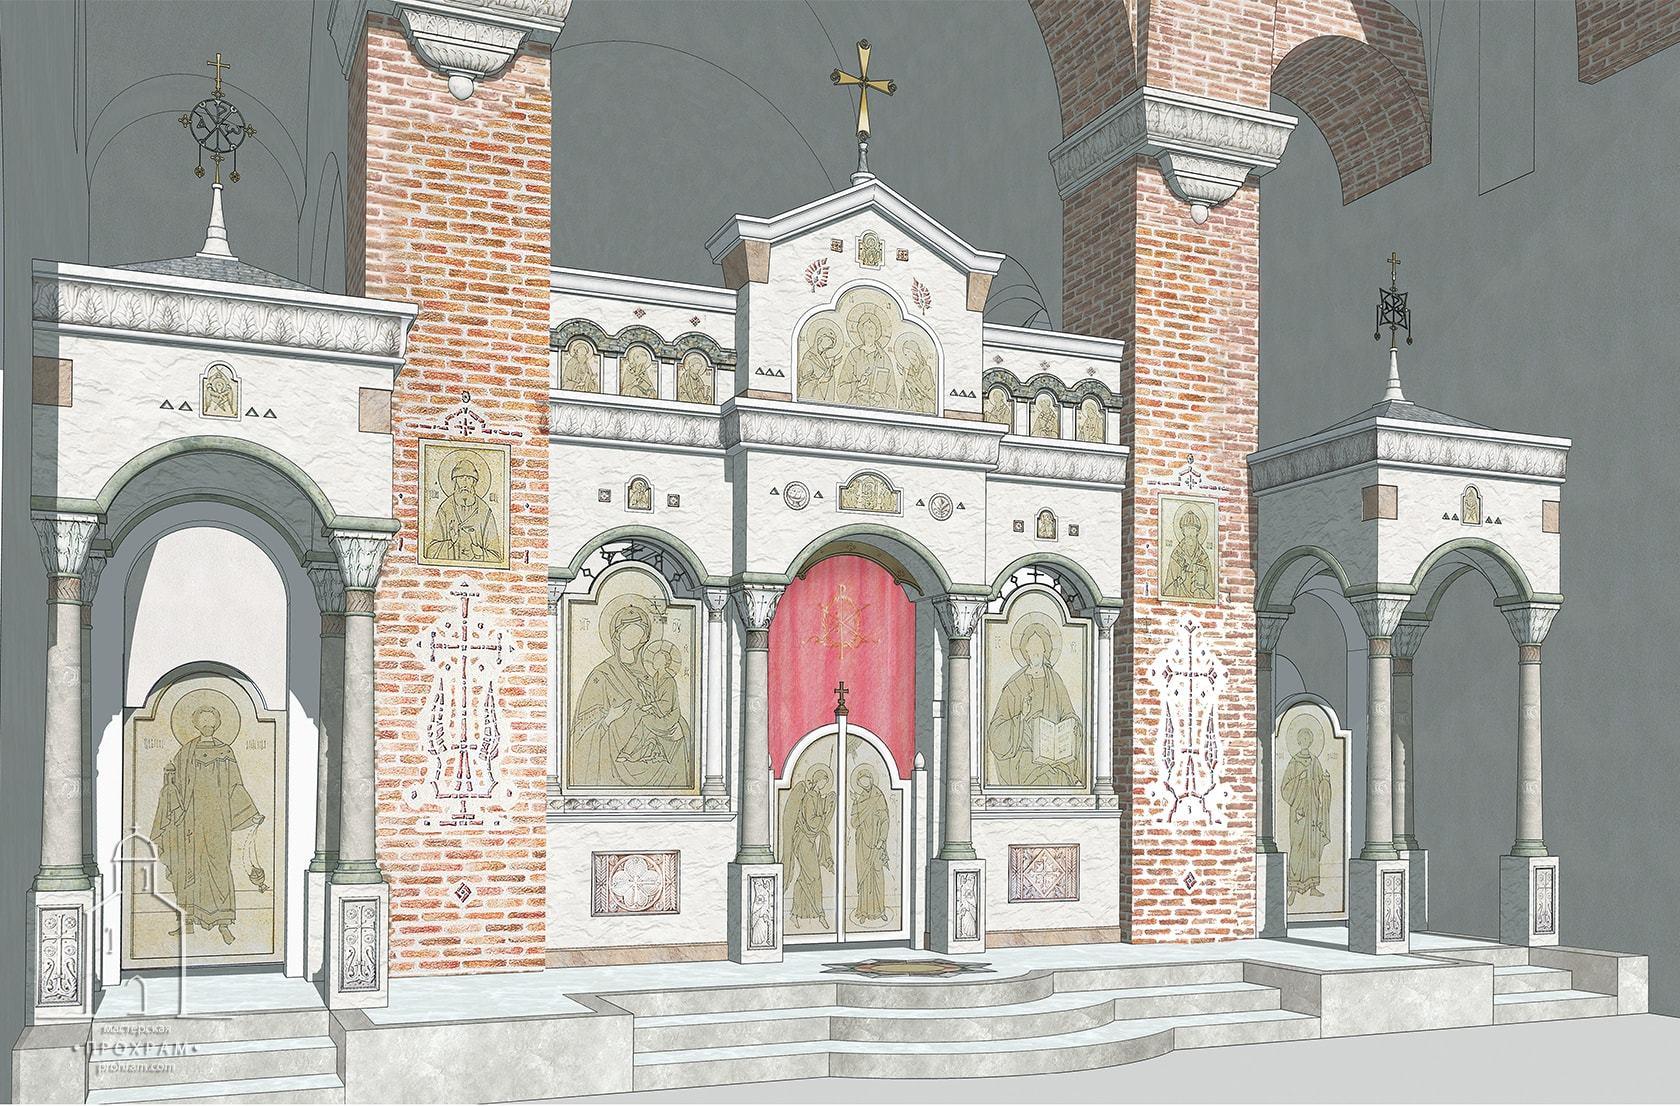 проект иконостаса, проектирование православных храмов, архитектурное бюро мастерская, храм в честь святителя Спиридона Тримифунтского, иконостас для храма свт. Спиридона